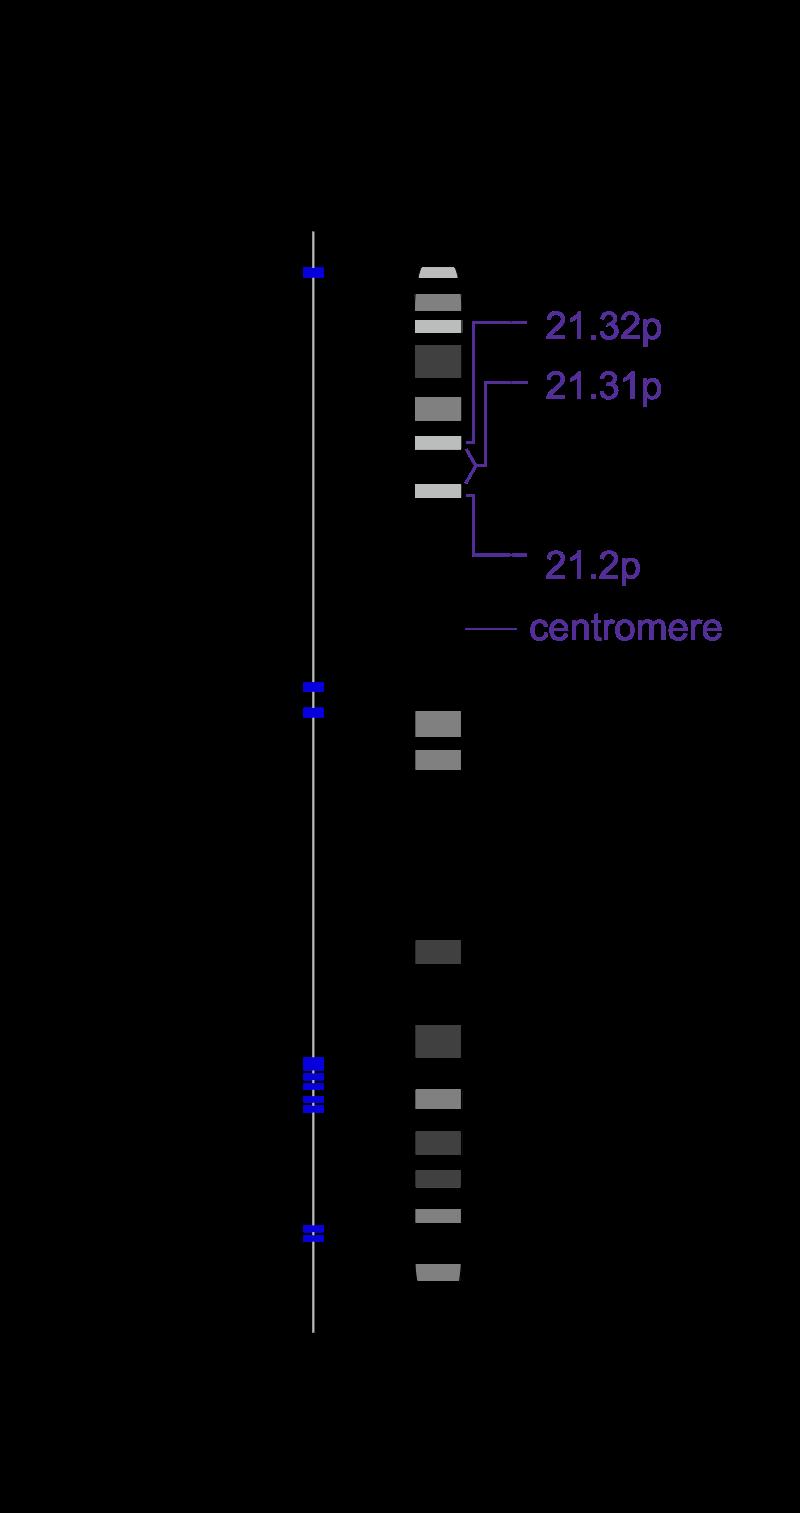 Рисунок 5. Расположение HLA-участков на шестой хромосоме у человека